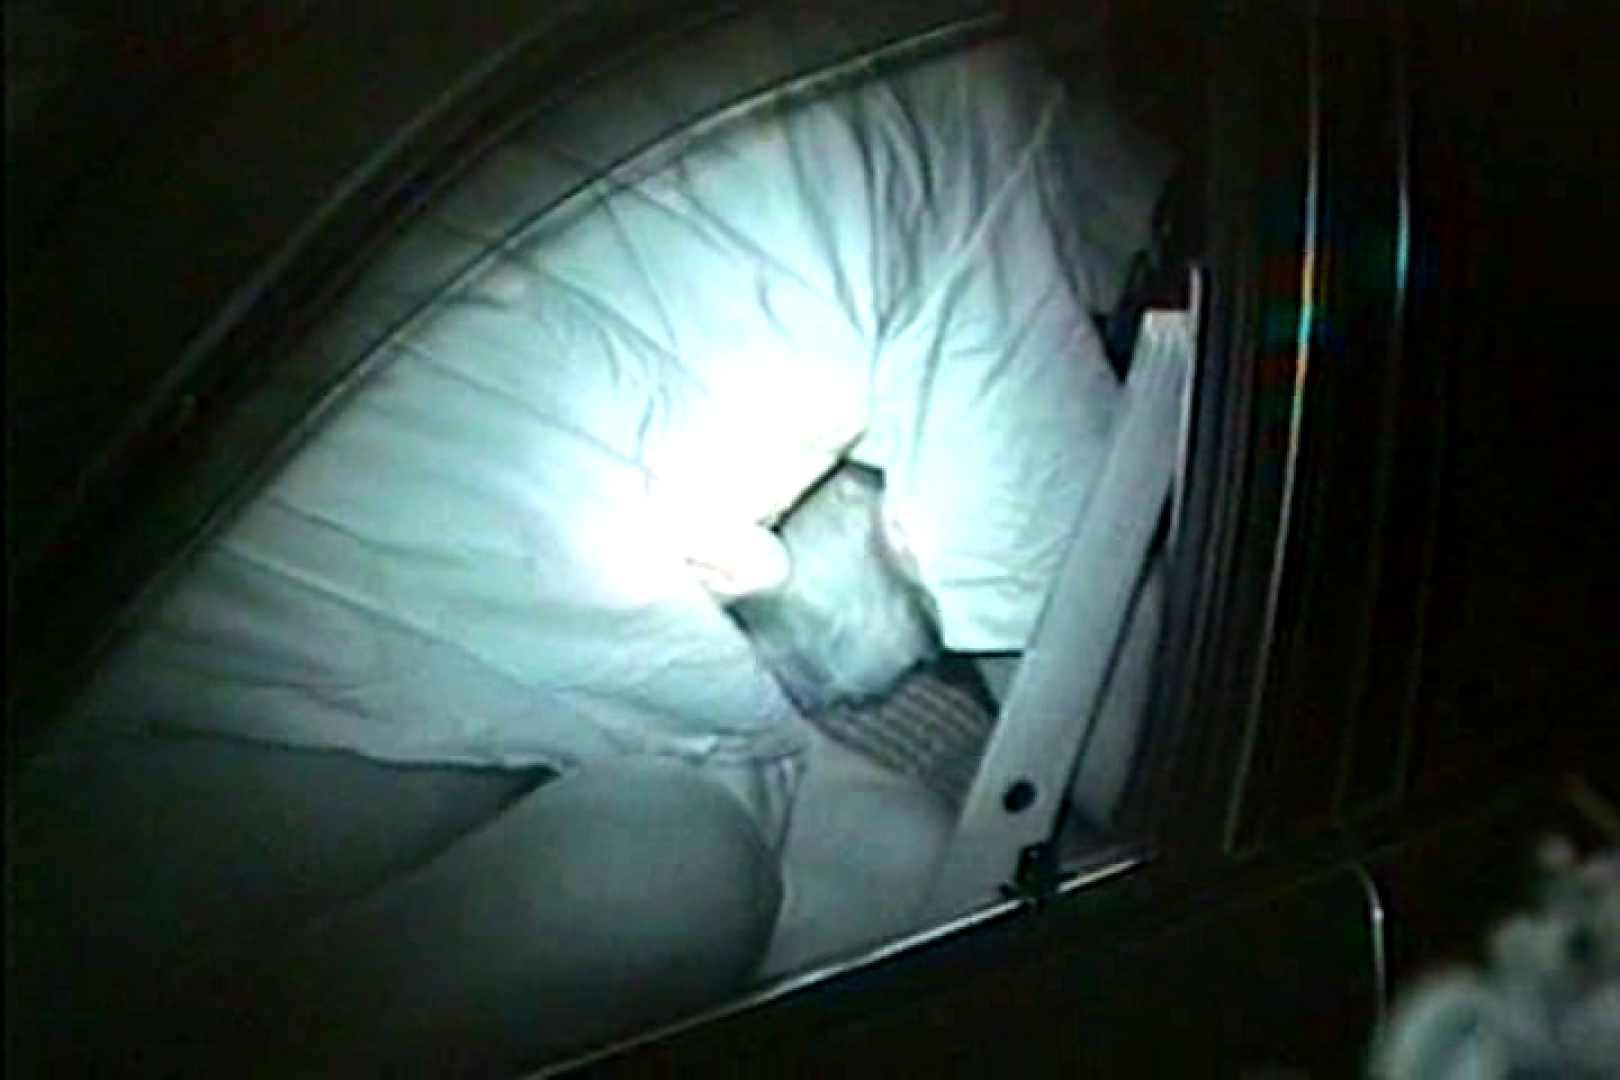 車の中はラブホテル 無修正版  Vol.6 名作  89画像 56